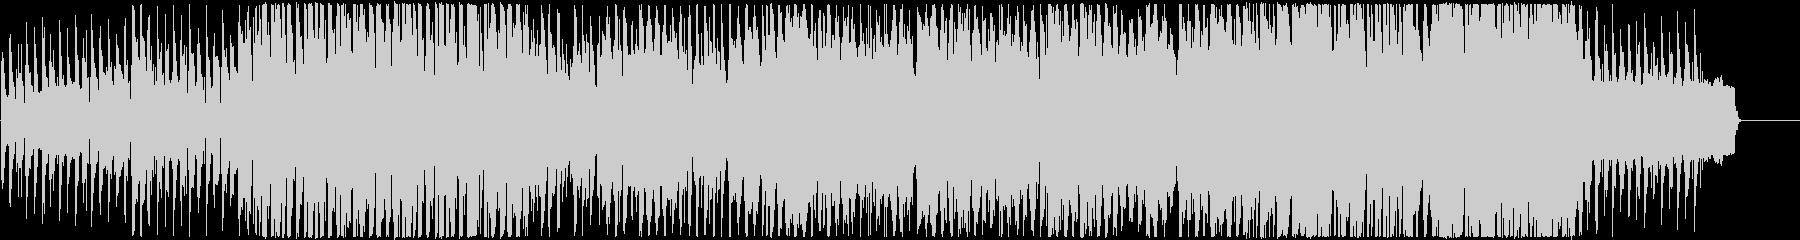 アコーディオン、シンセの可愛い系BGMの未再生の波形